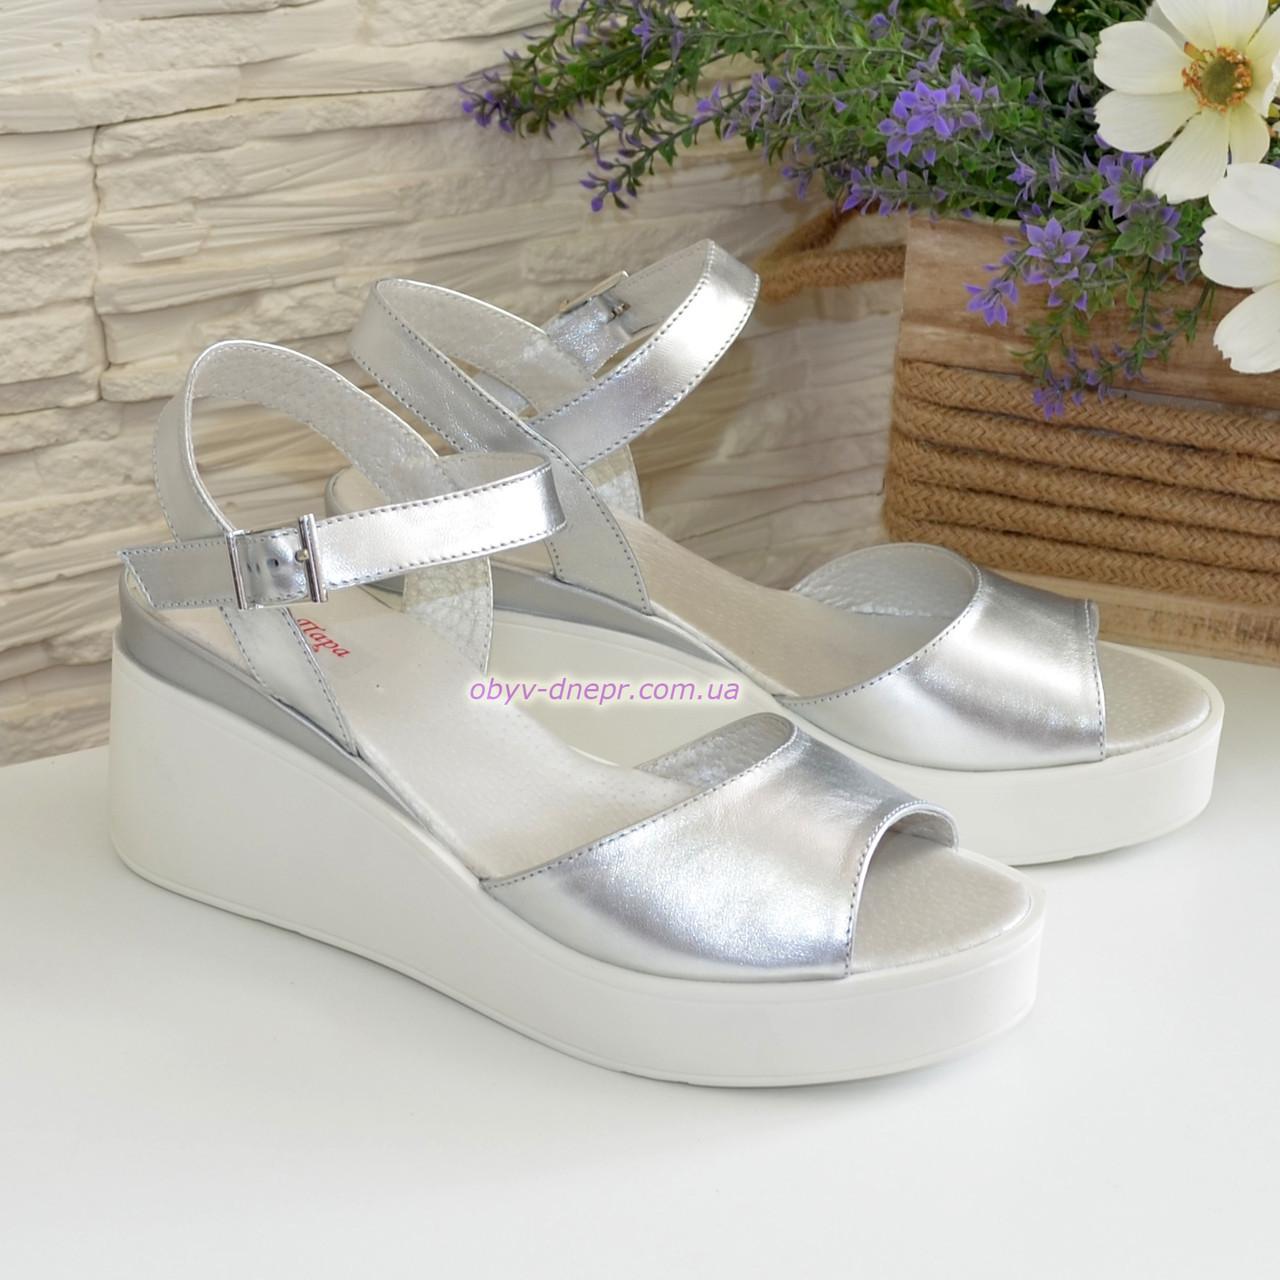 6963e855a5ef Кожаные женские босоножки на устойчивой платформе, цвет серебро: продажа,  цена в ...